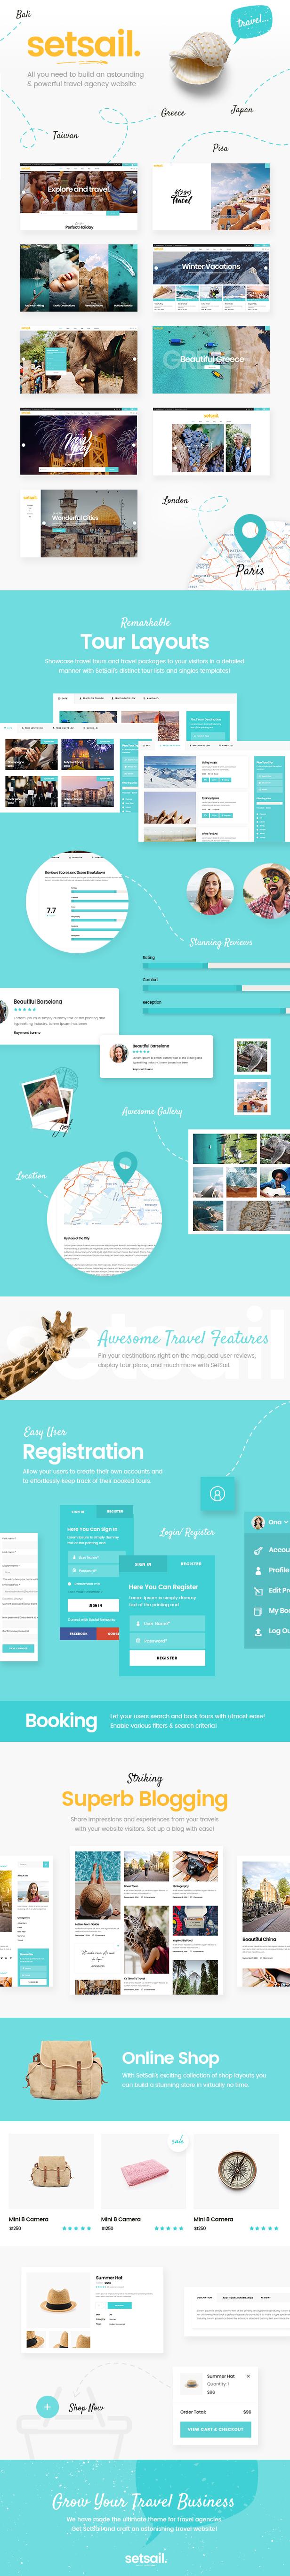 SetSail - Travel Agency Theme - 1